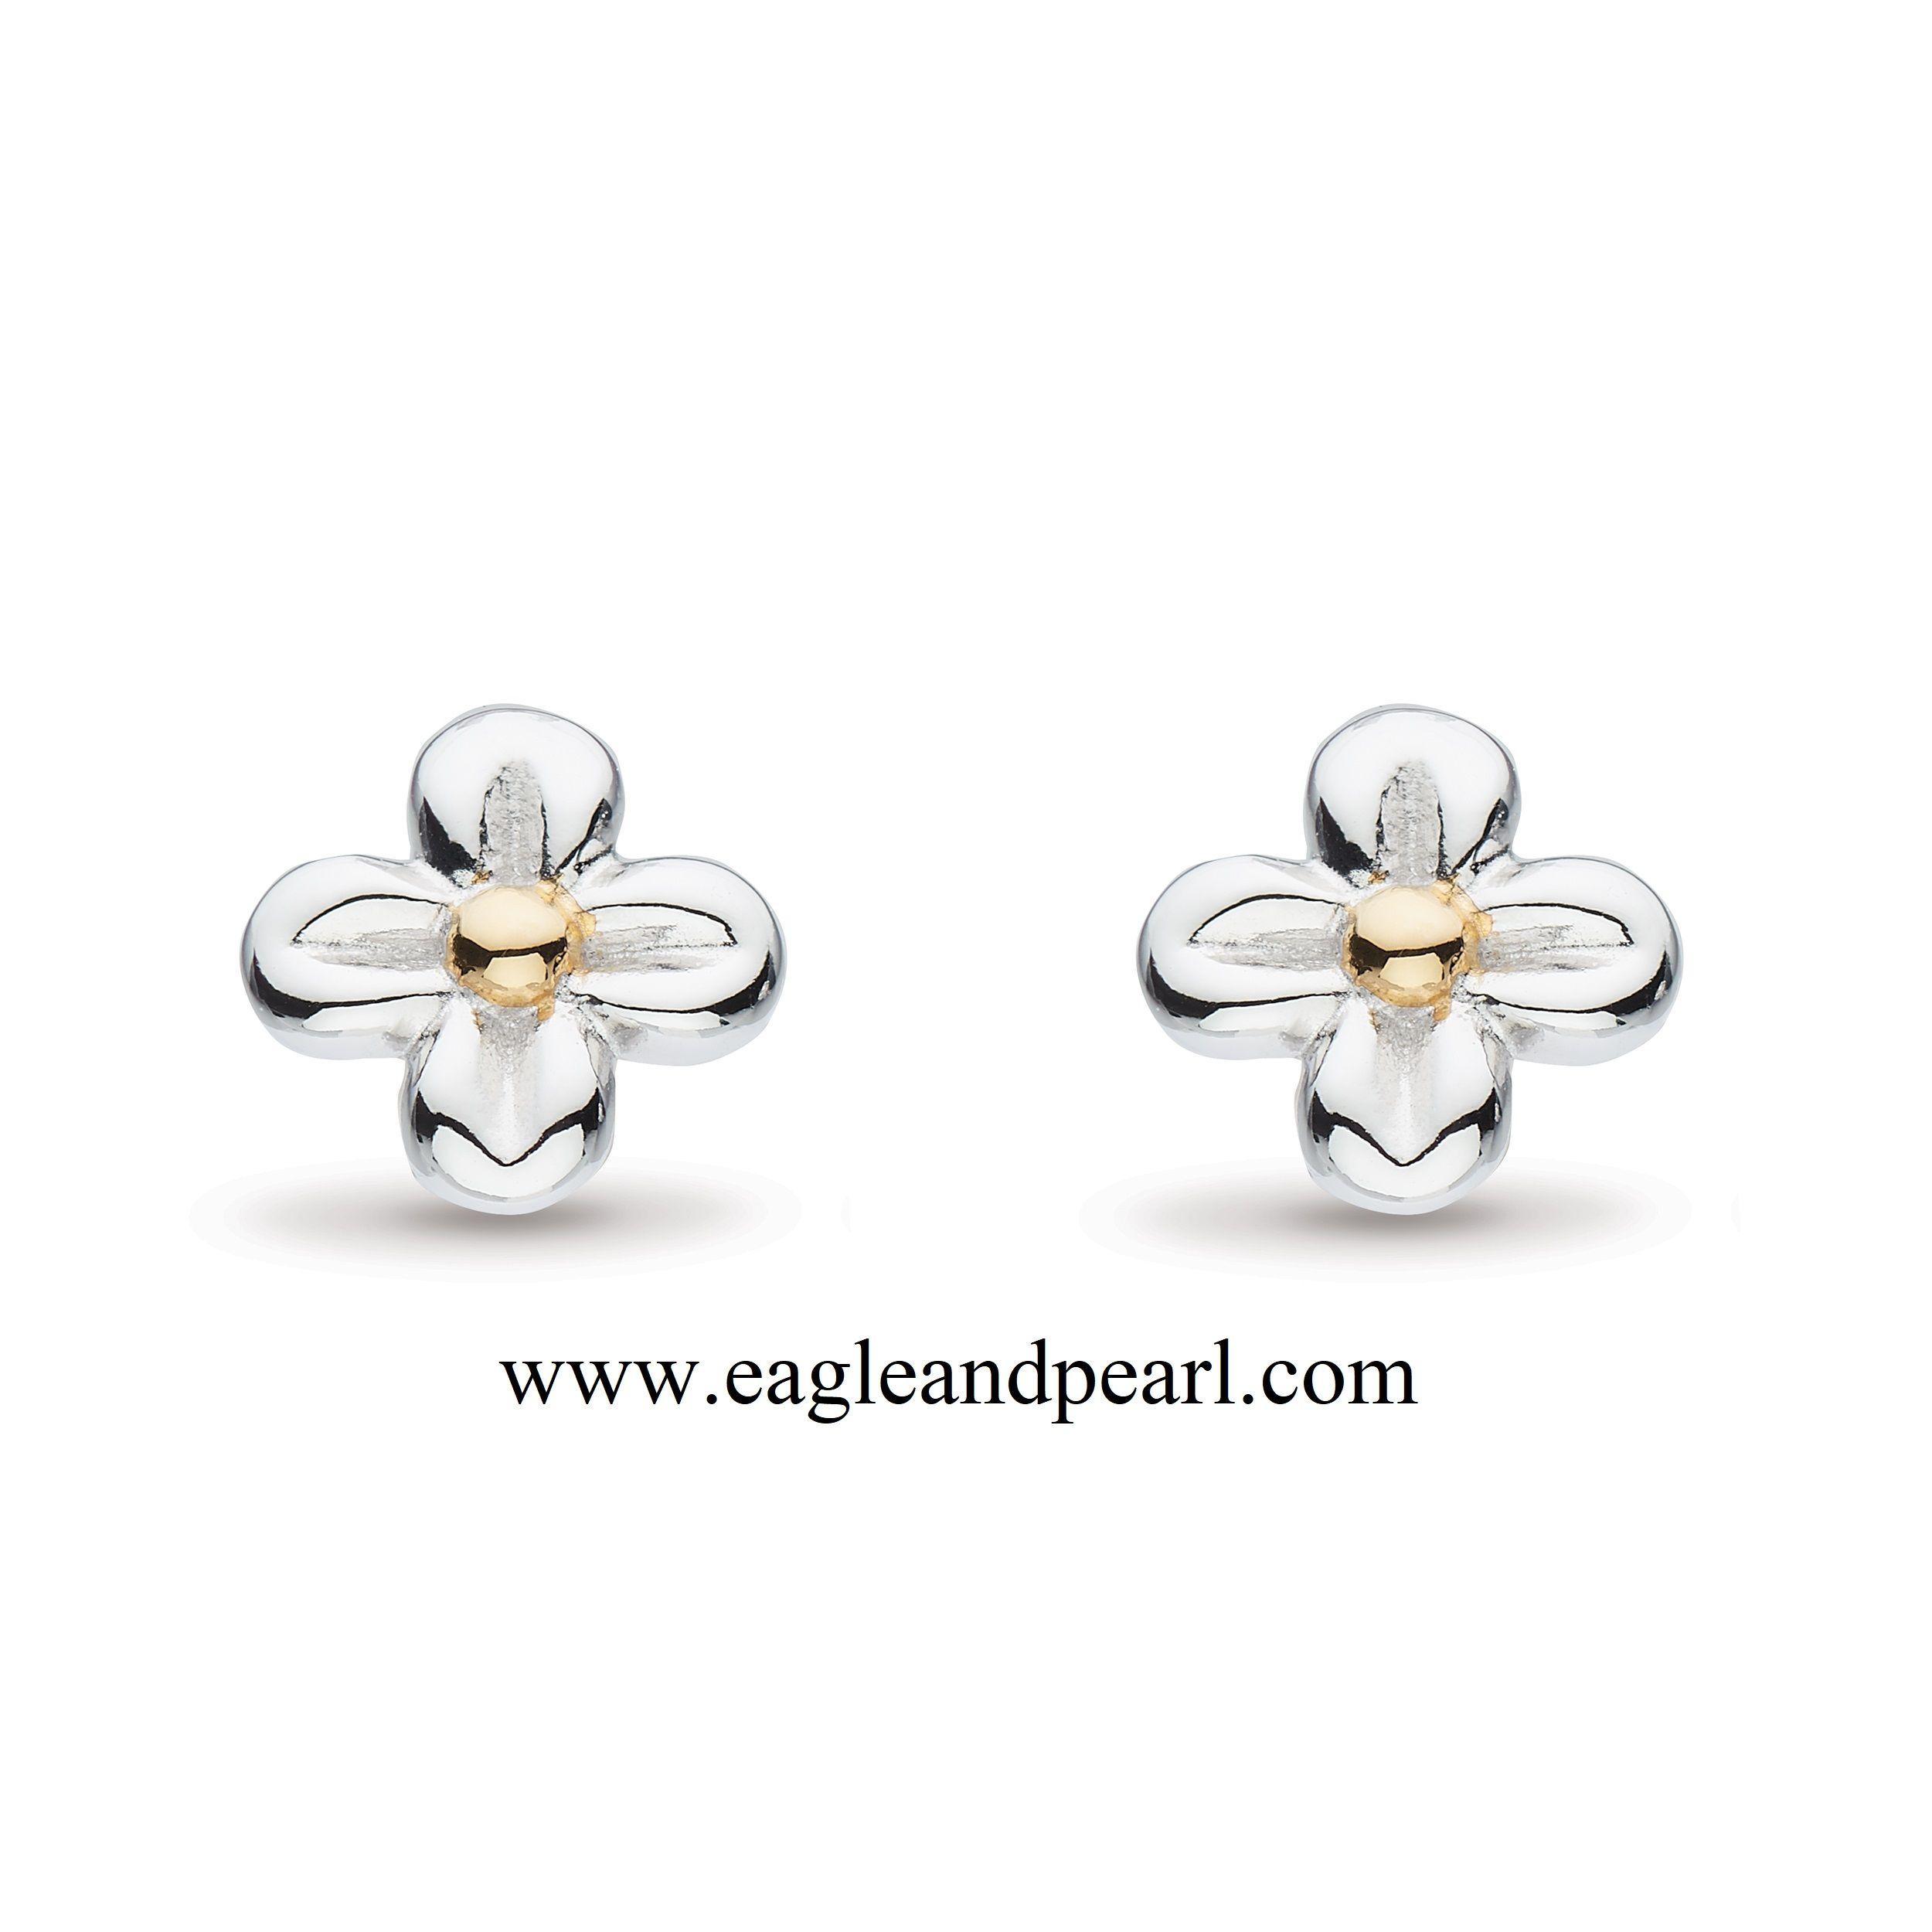 Blossom Flyte Honey Flower Stud Earrings In 2020 Flower Earrings Studs Stud Earrings Sterling Silver Earrings Studs